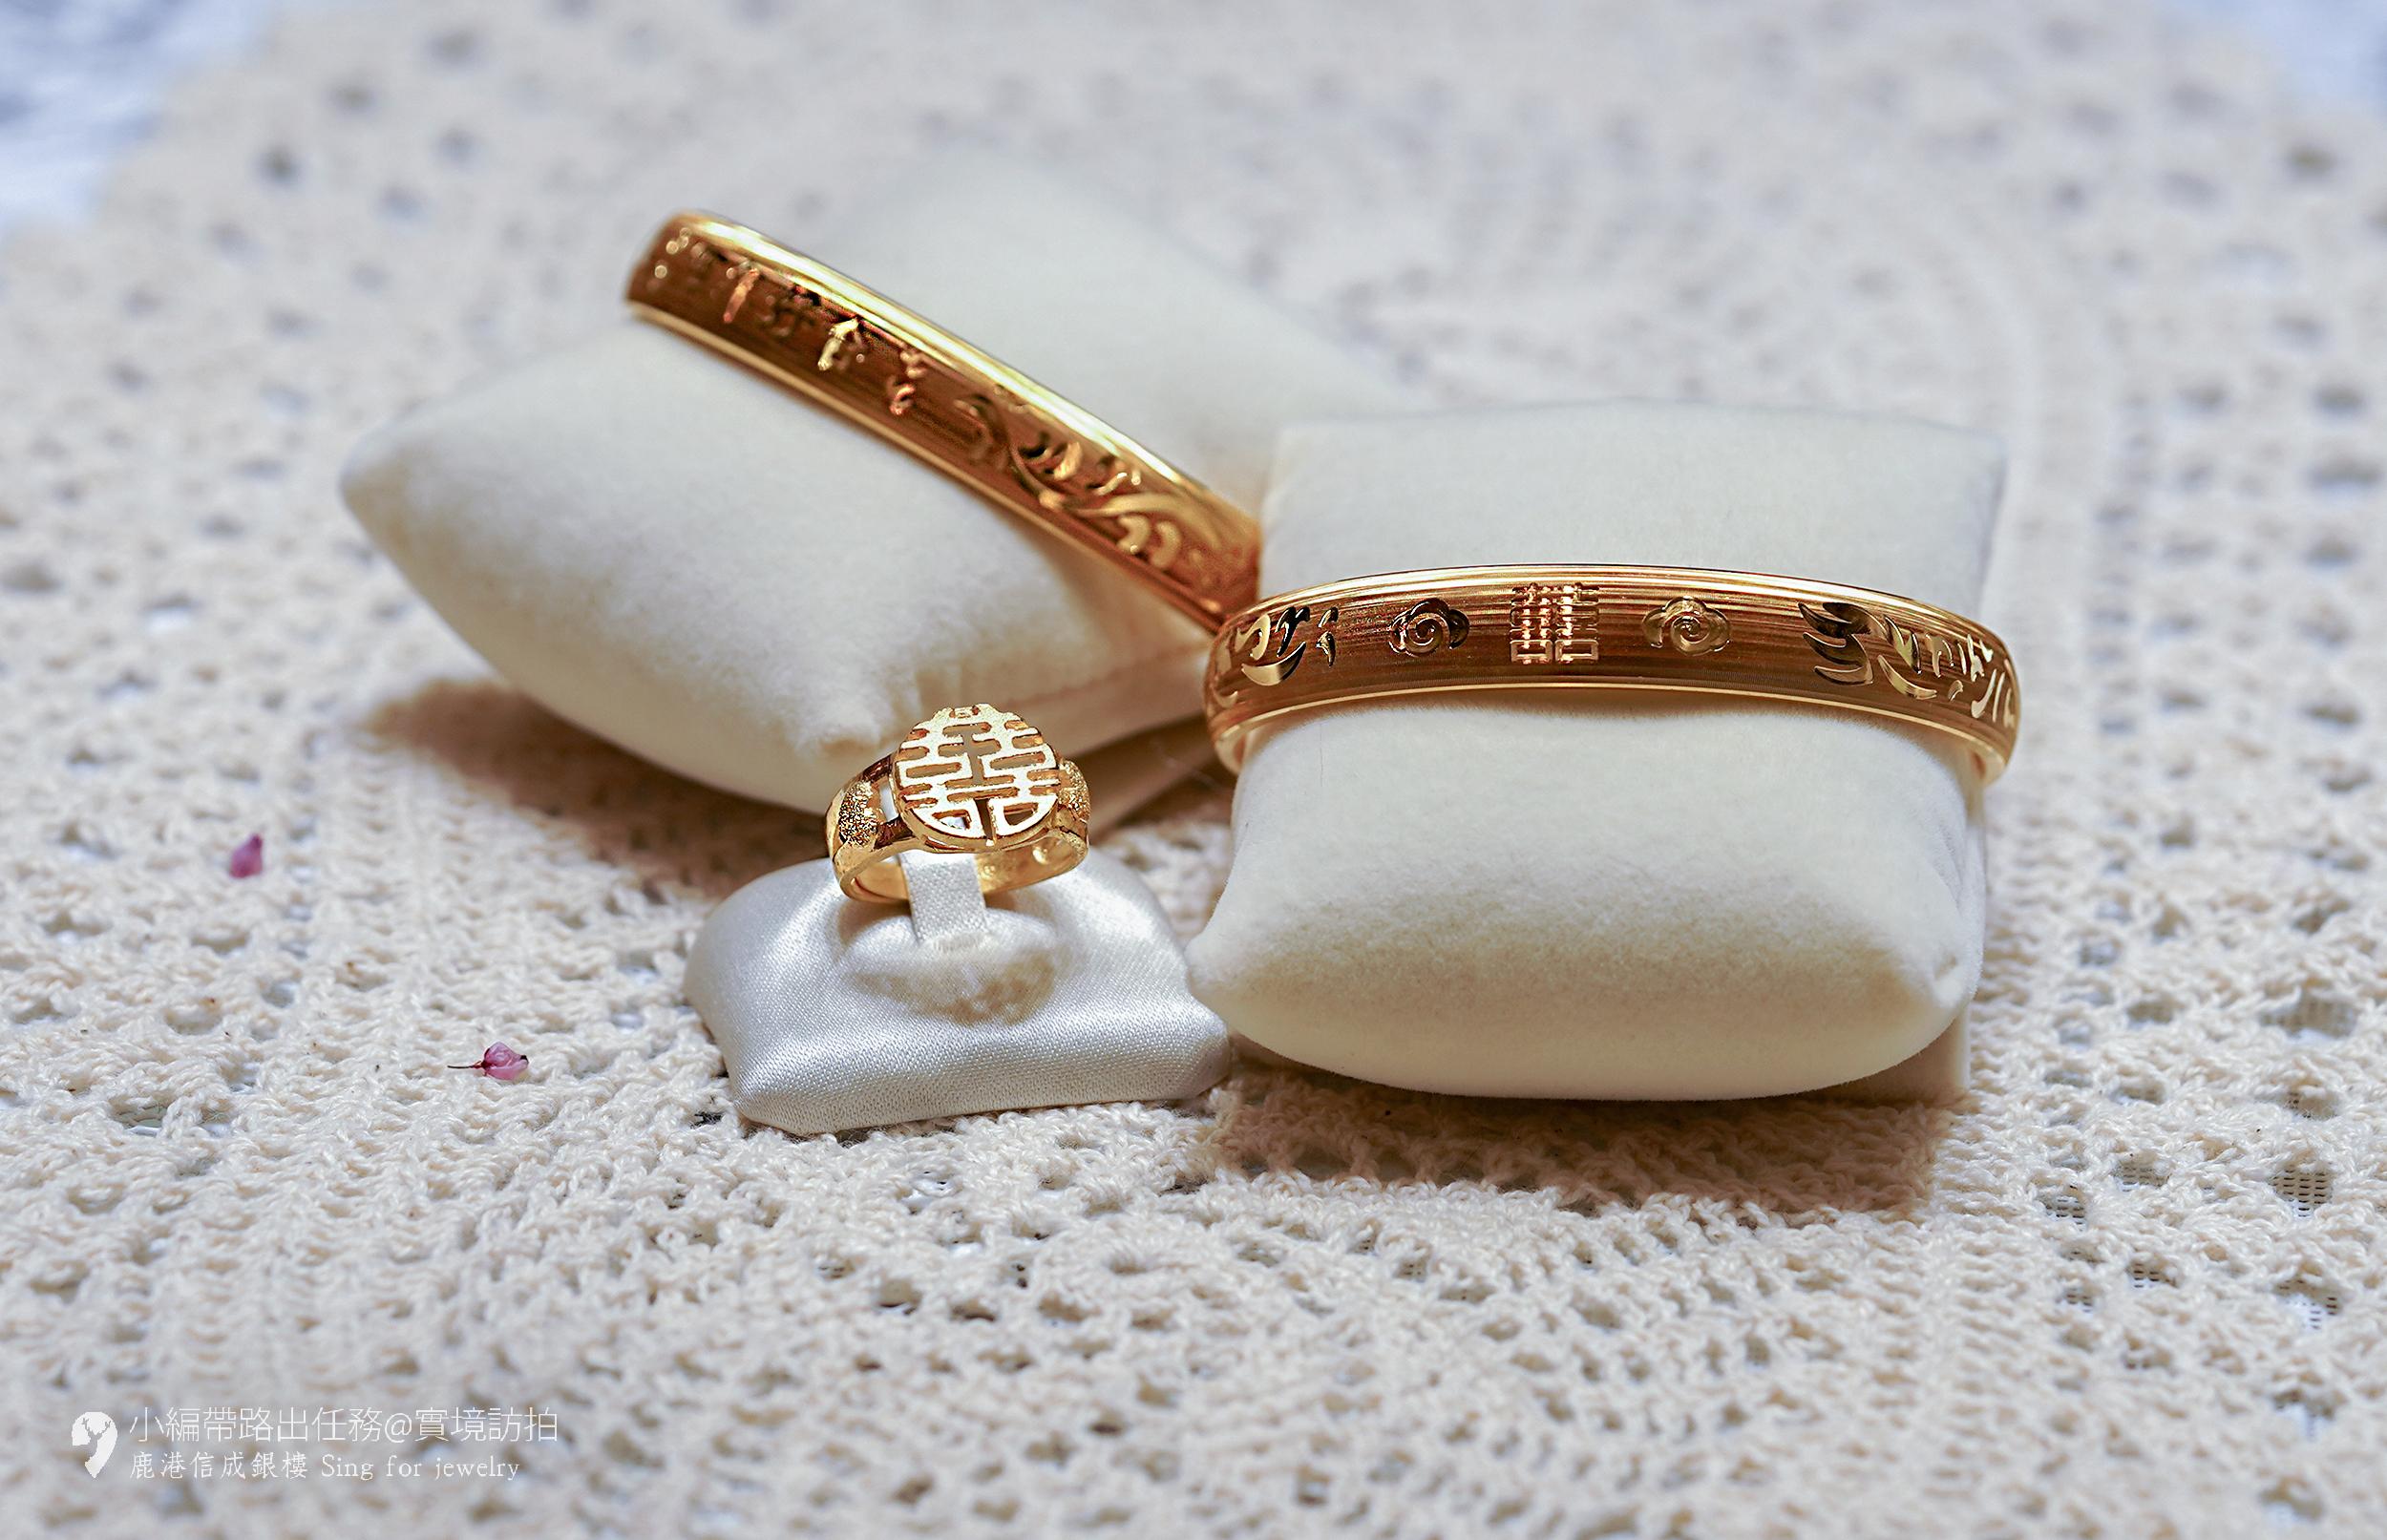 鑽石婚戒,,,,,,, - 信成銀樓 Sing For Jewelry 作品瀏覽